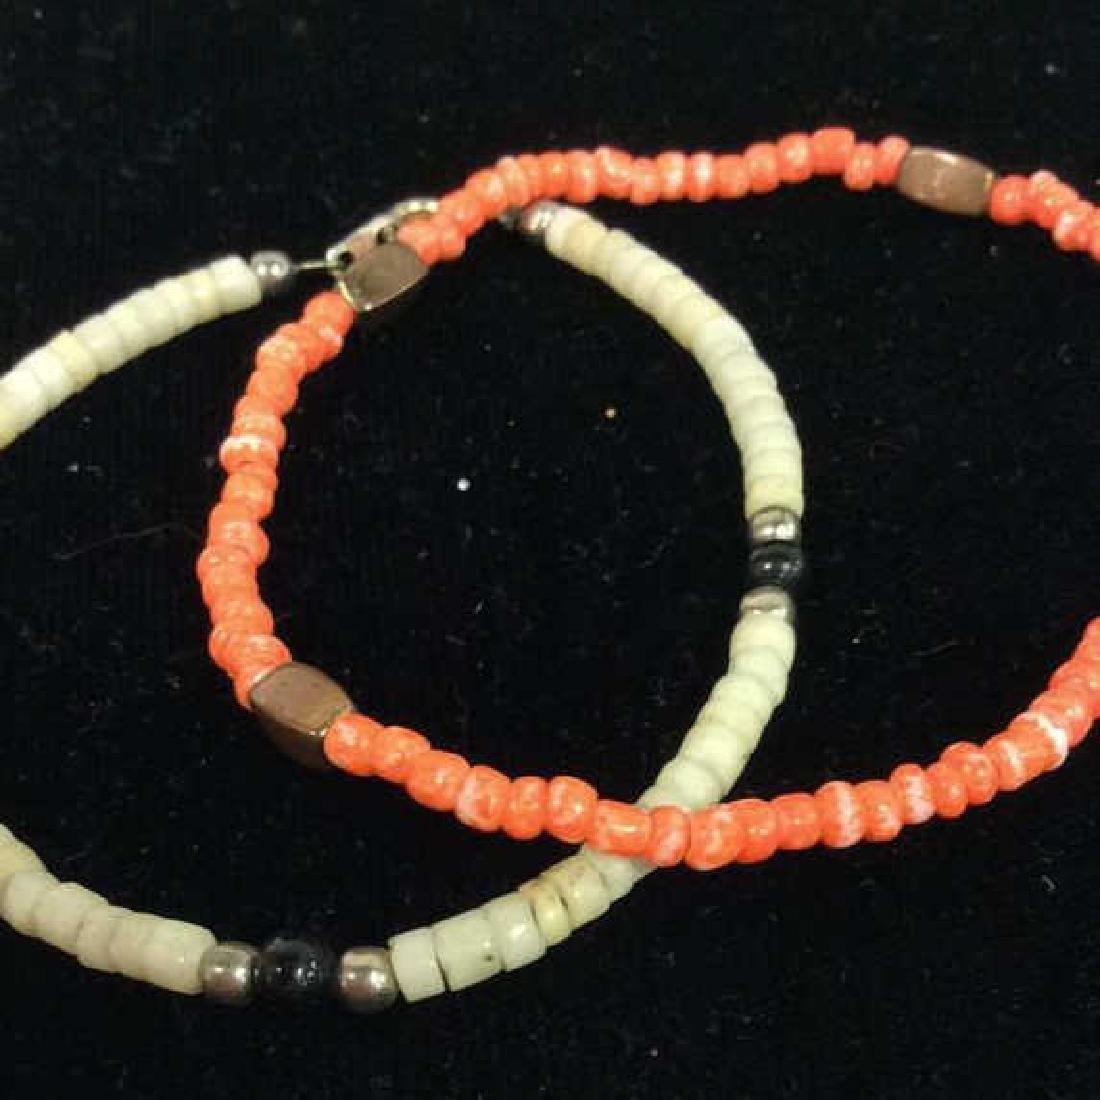 Lot 6 Assorted Women's Bracelets Jewelry - 5